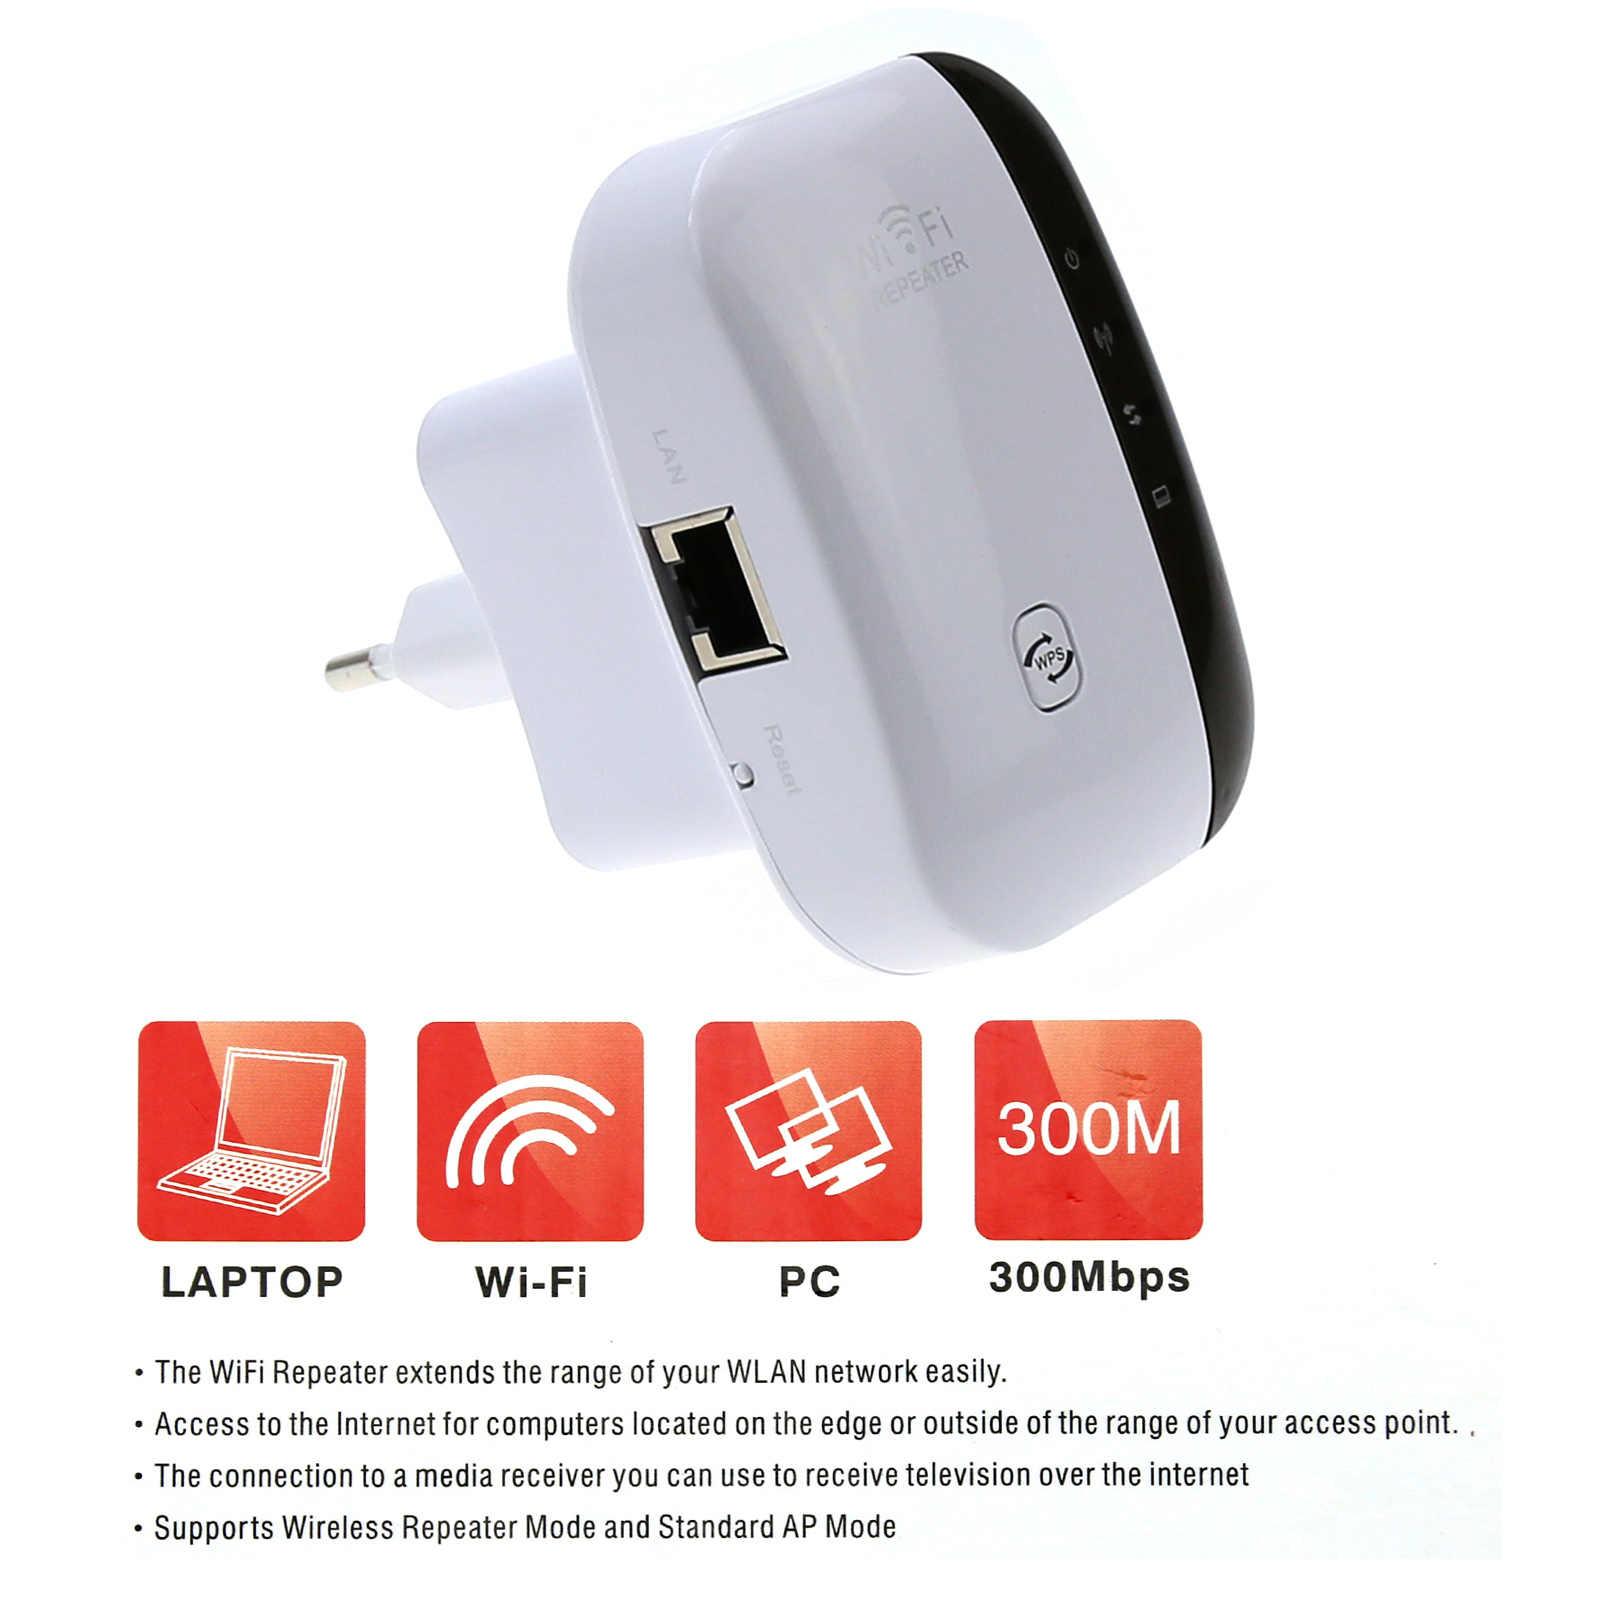 新到着ワイヤレス無線 Lan リピータ無線 Lan ルータ 300Mbps 範囲エキスパンダー信号アンテナブースターエクステンダー WIFI Ap Wps 暗号化ドロップシップ